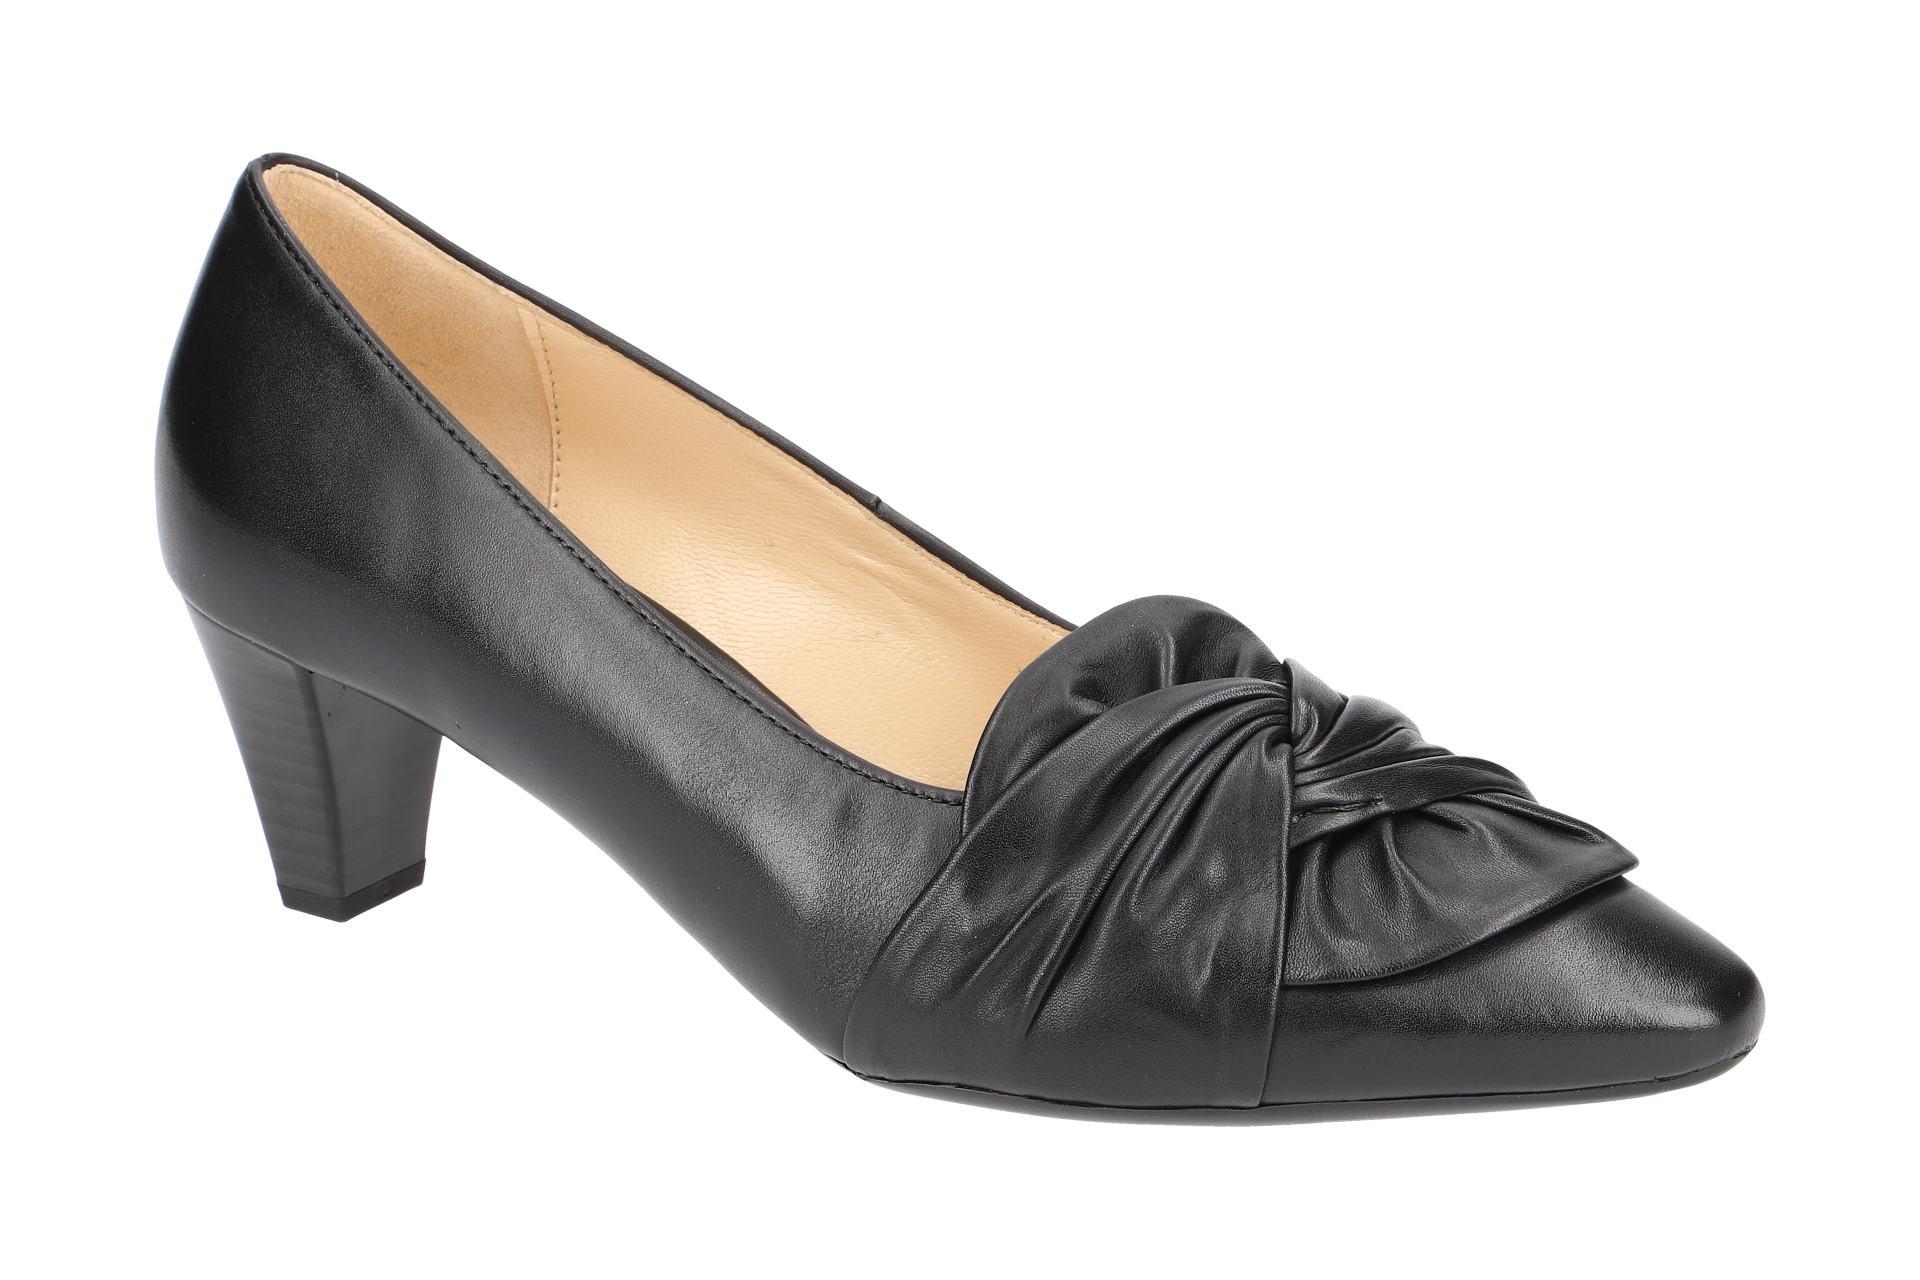 Details zu Gabor Schuhe 95.149 schwarz Damenschuhe Pumps 95.149.27 NEU